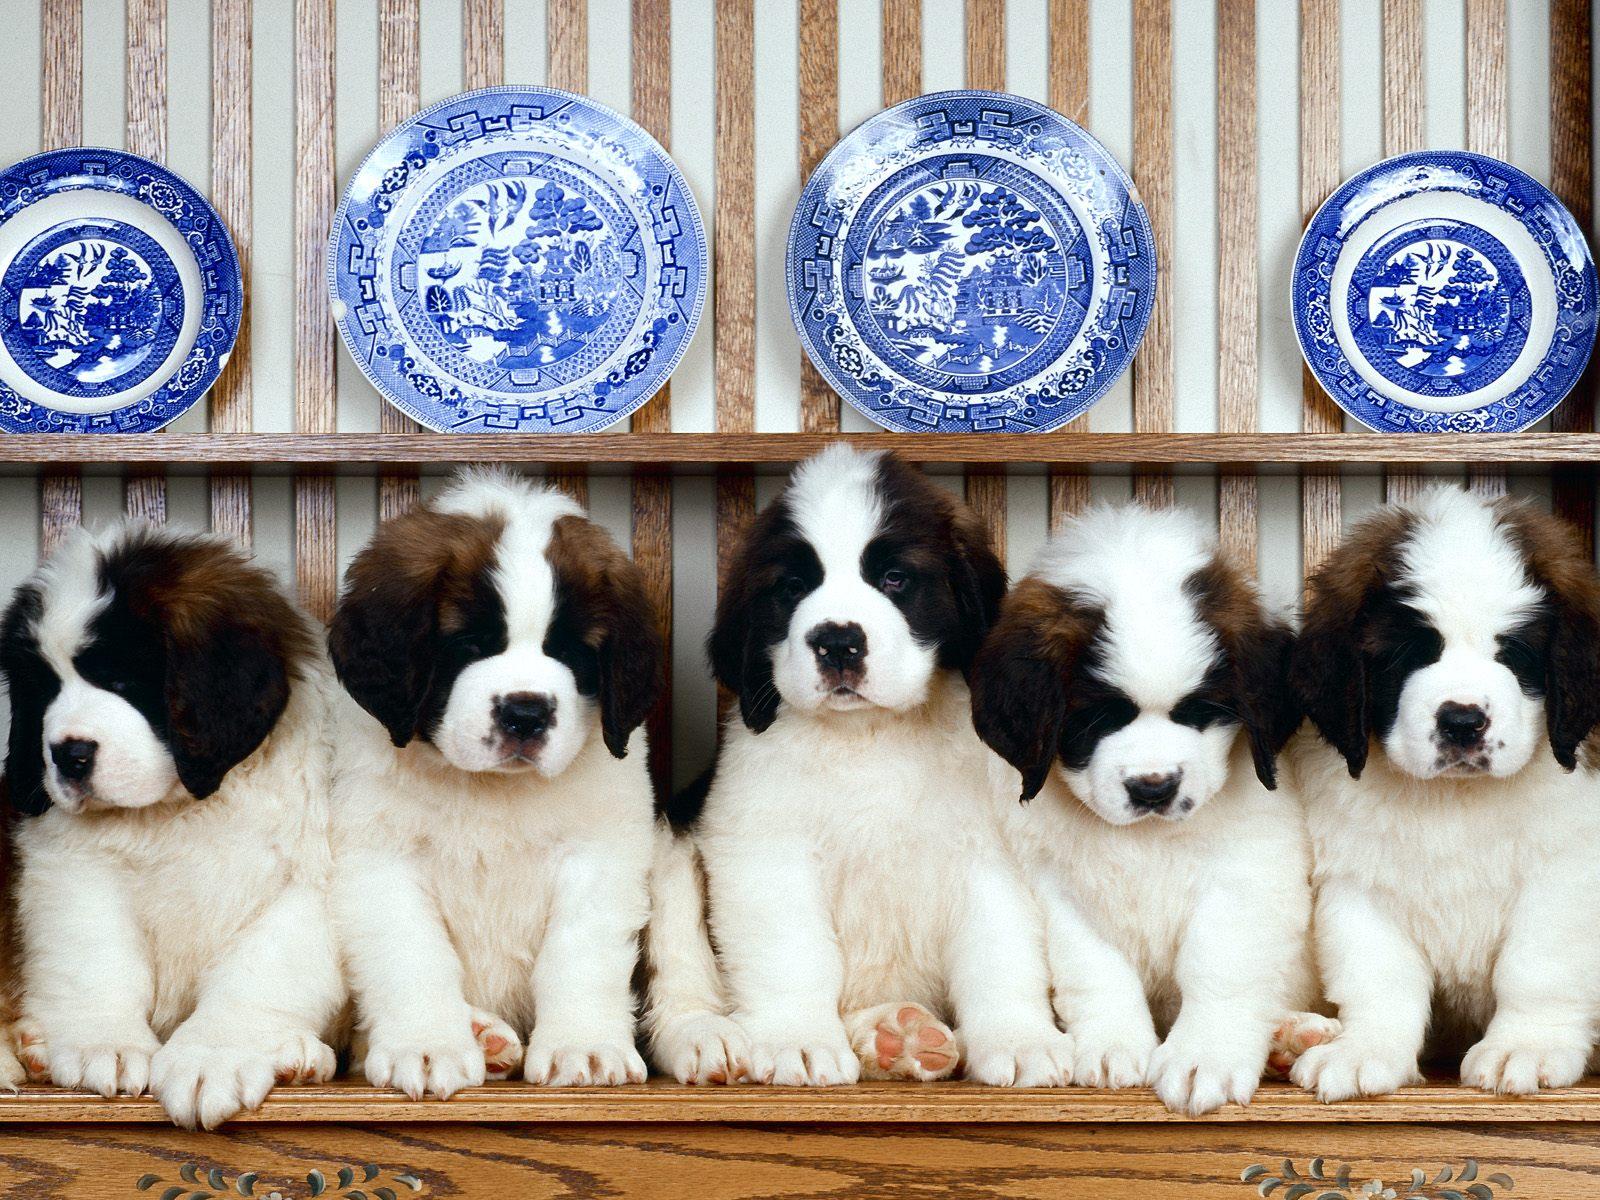 saint bernard puppies cute